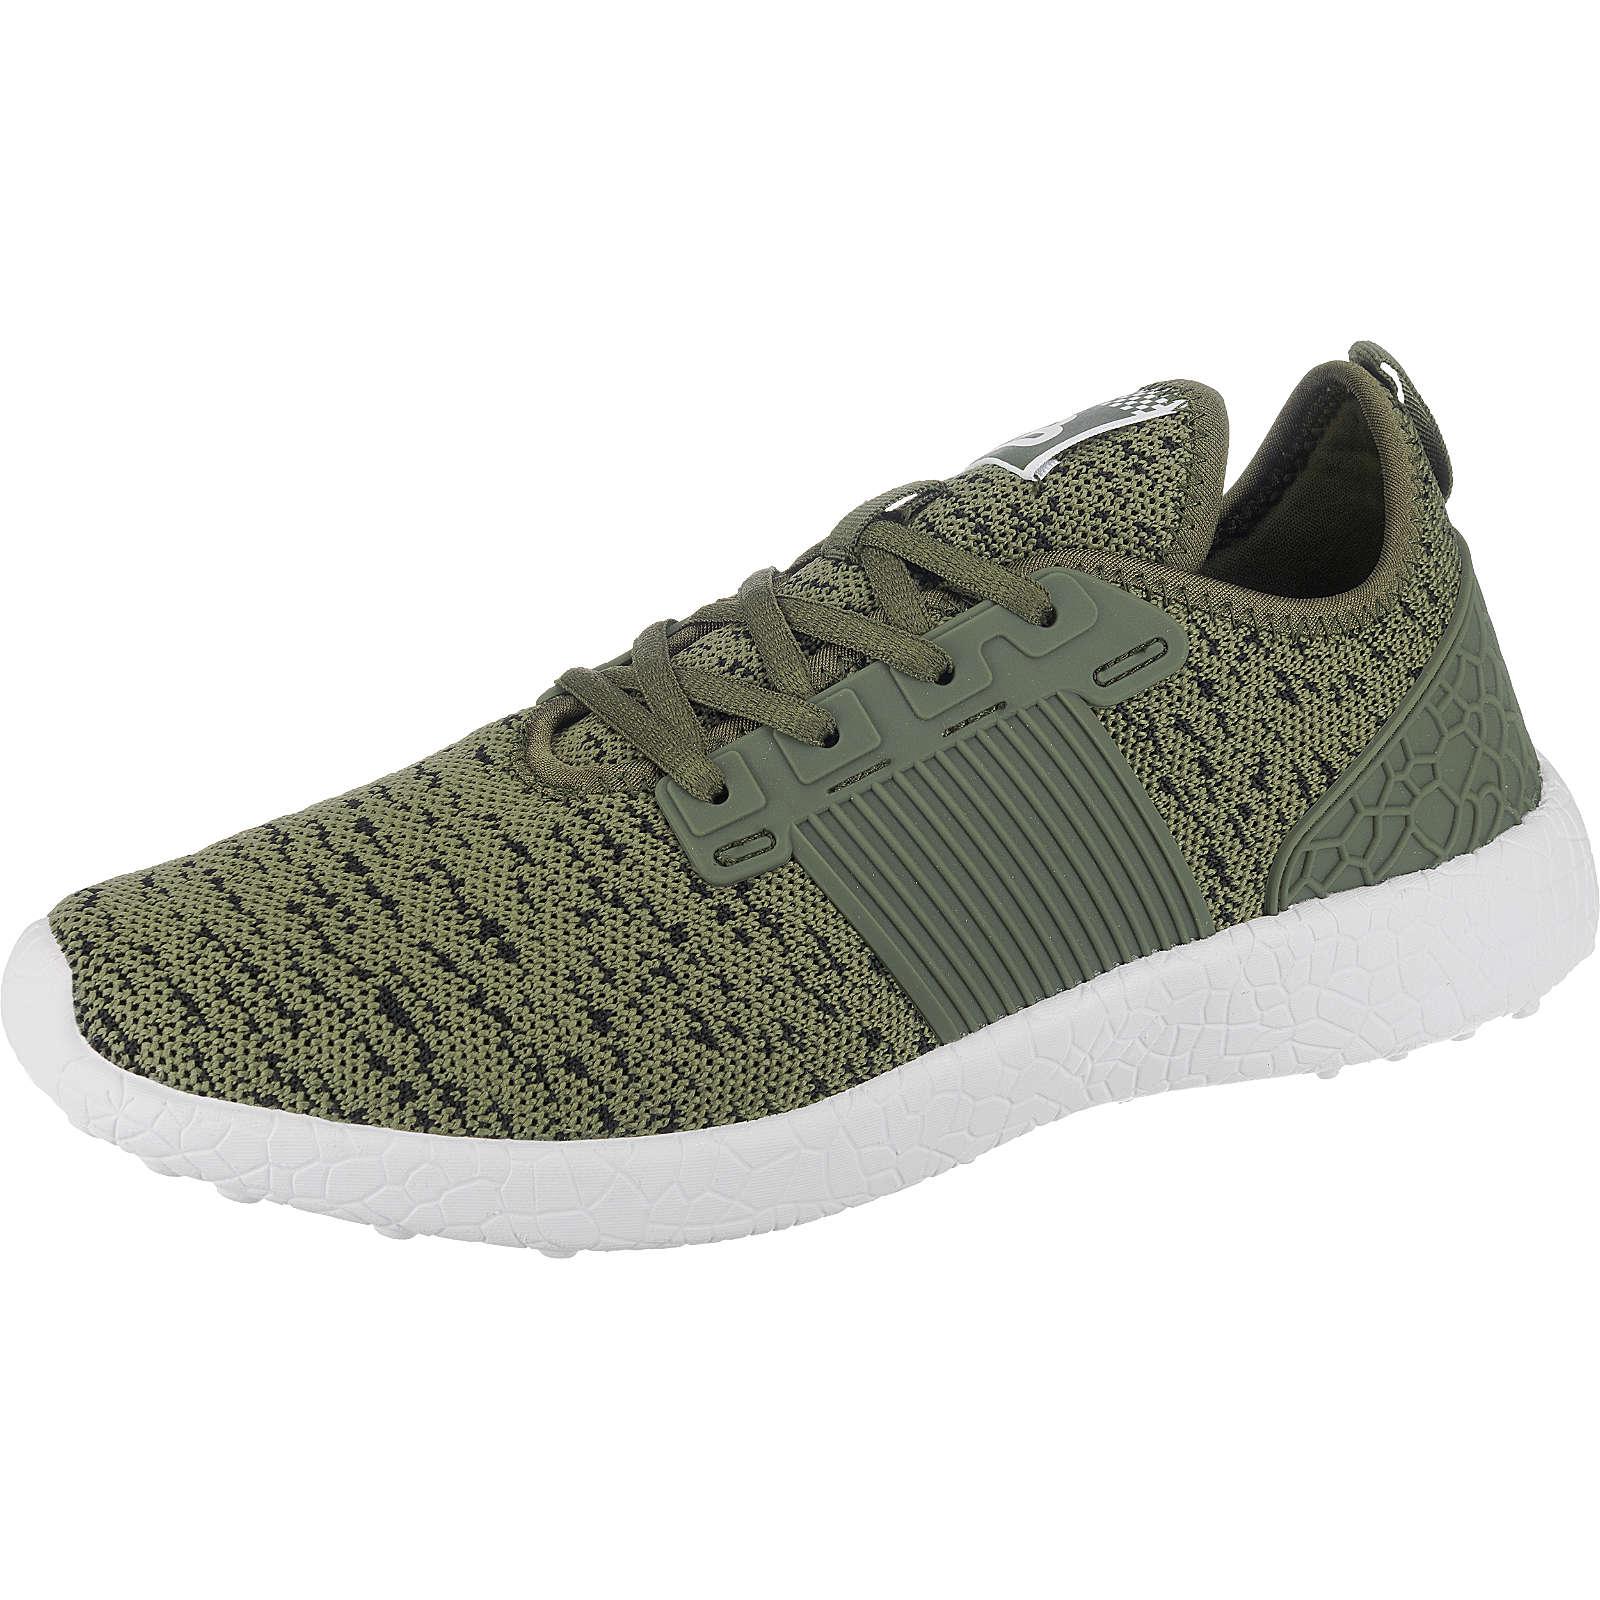 BULLBOXER Sneakers Low grün Herren Gr. 44